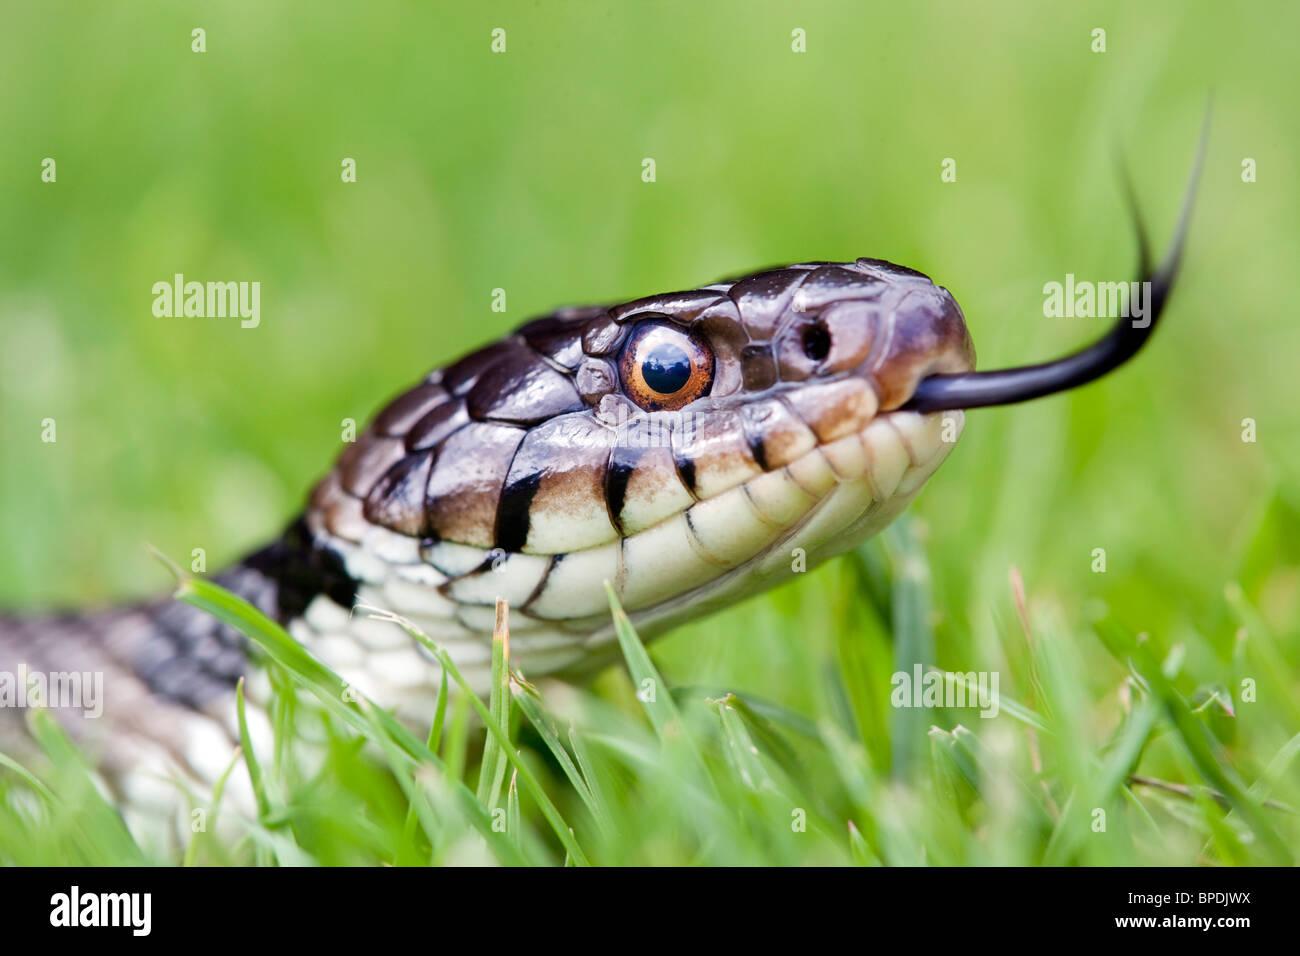 Biscia; Natrix natrix; scorrere la linguetta in erba Immagini Stock